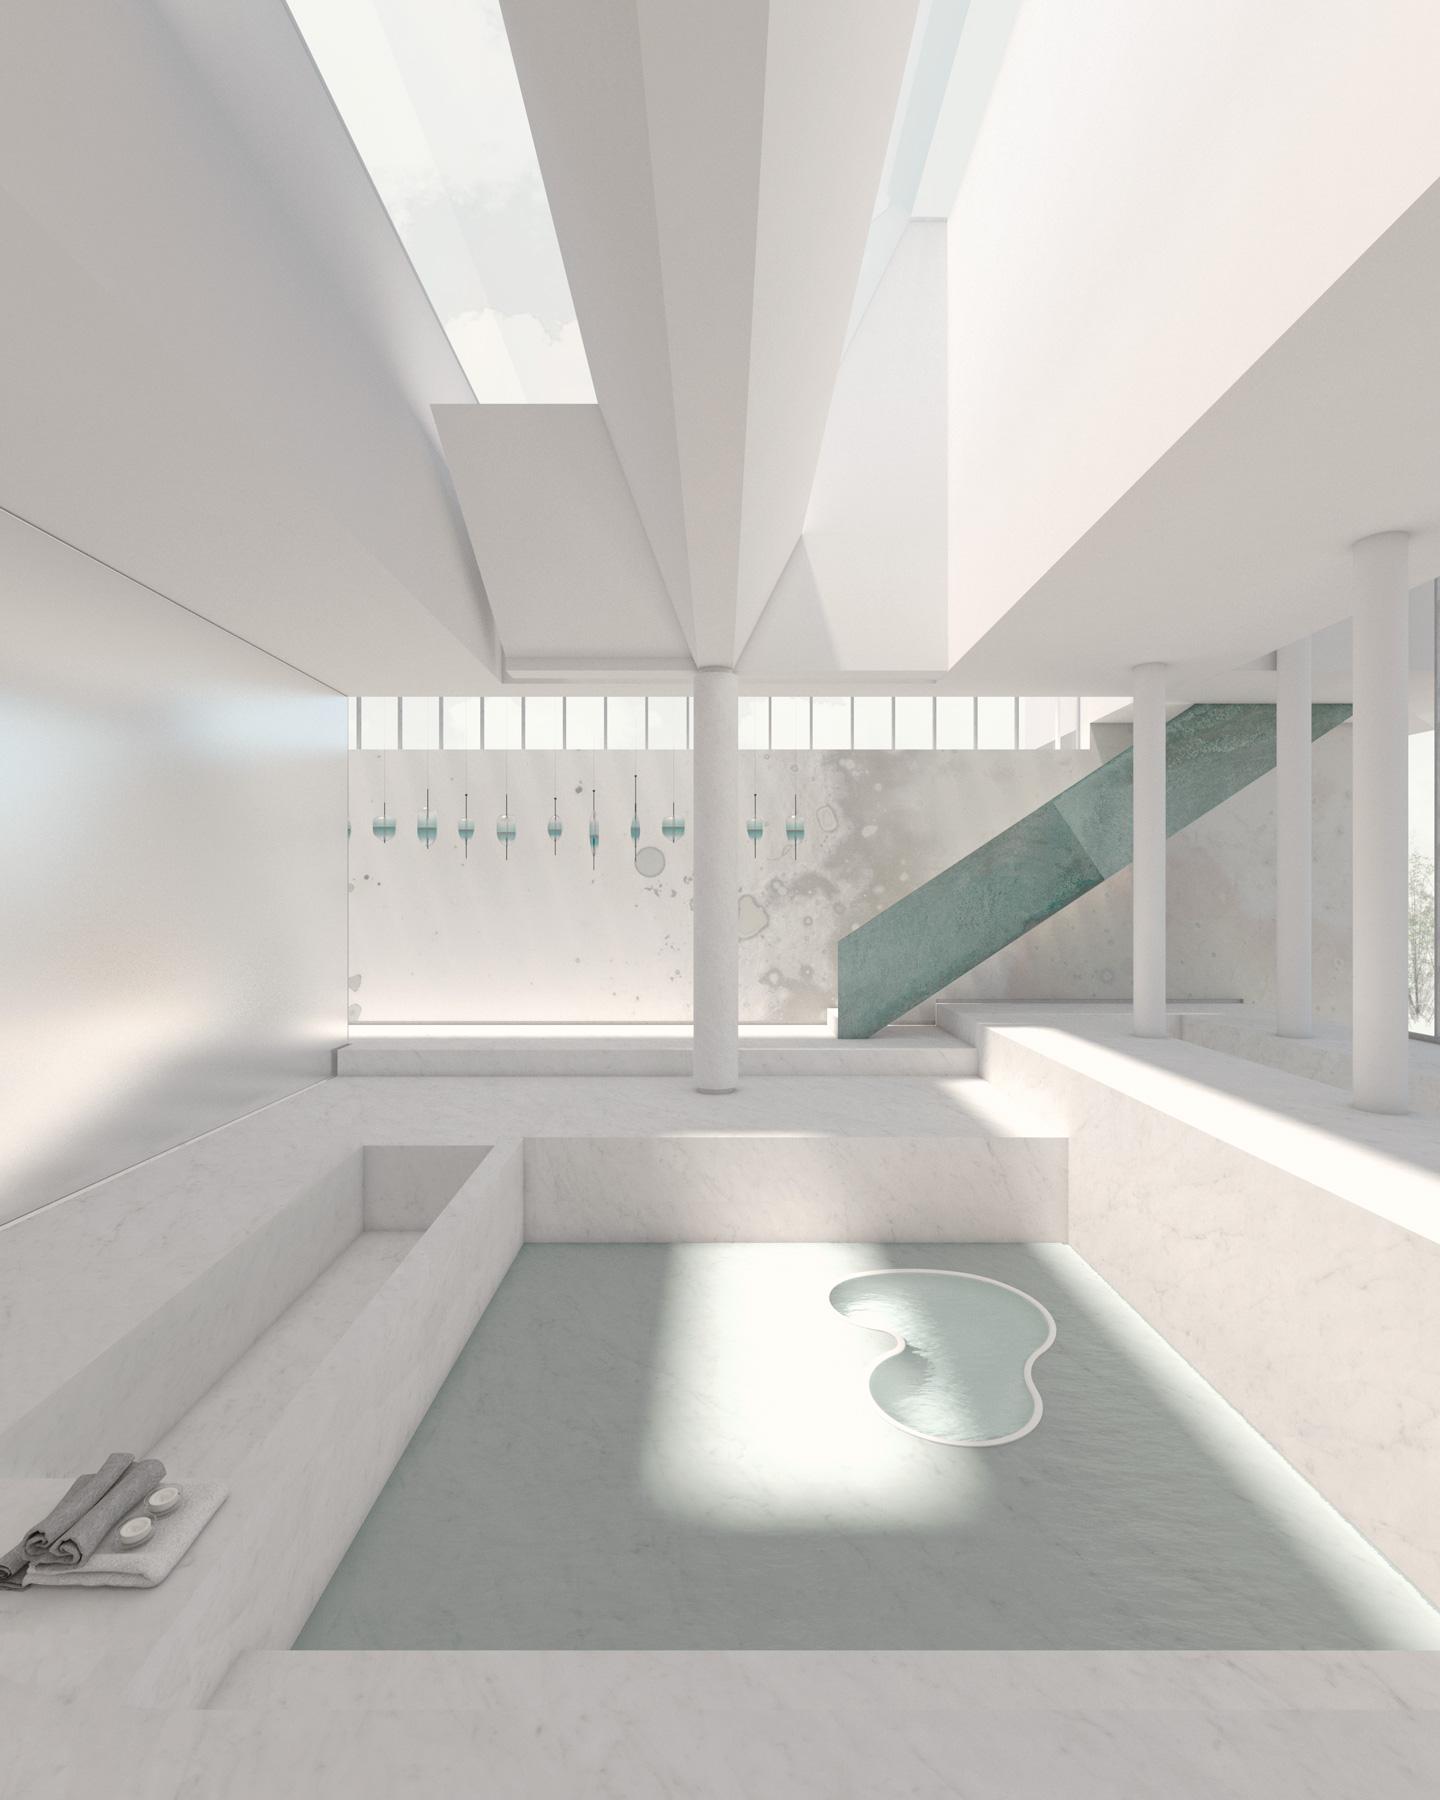 Vasche spa // Parato Calico Wallpaper _ Sospensioni Wanderglass